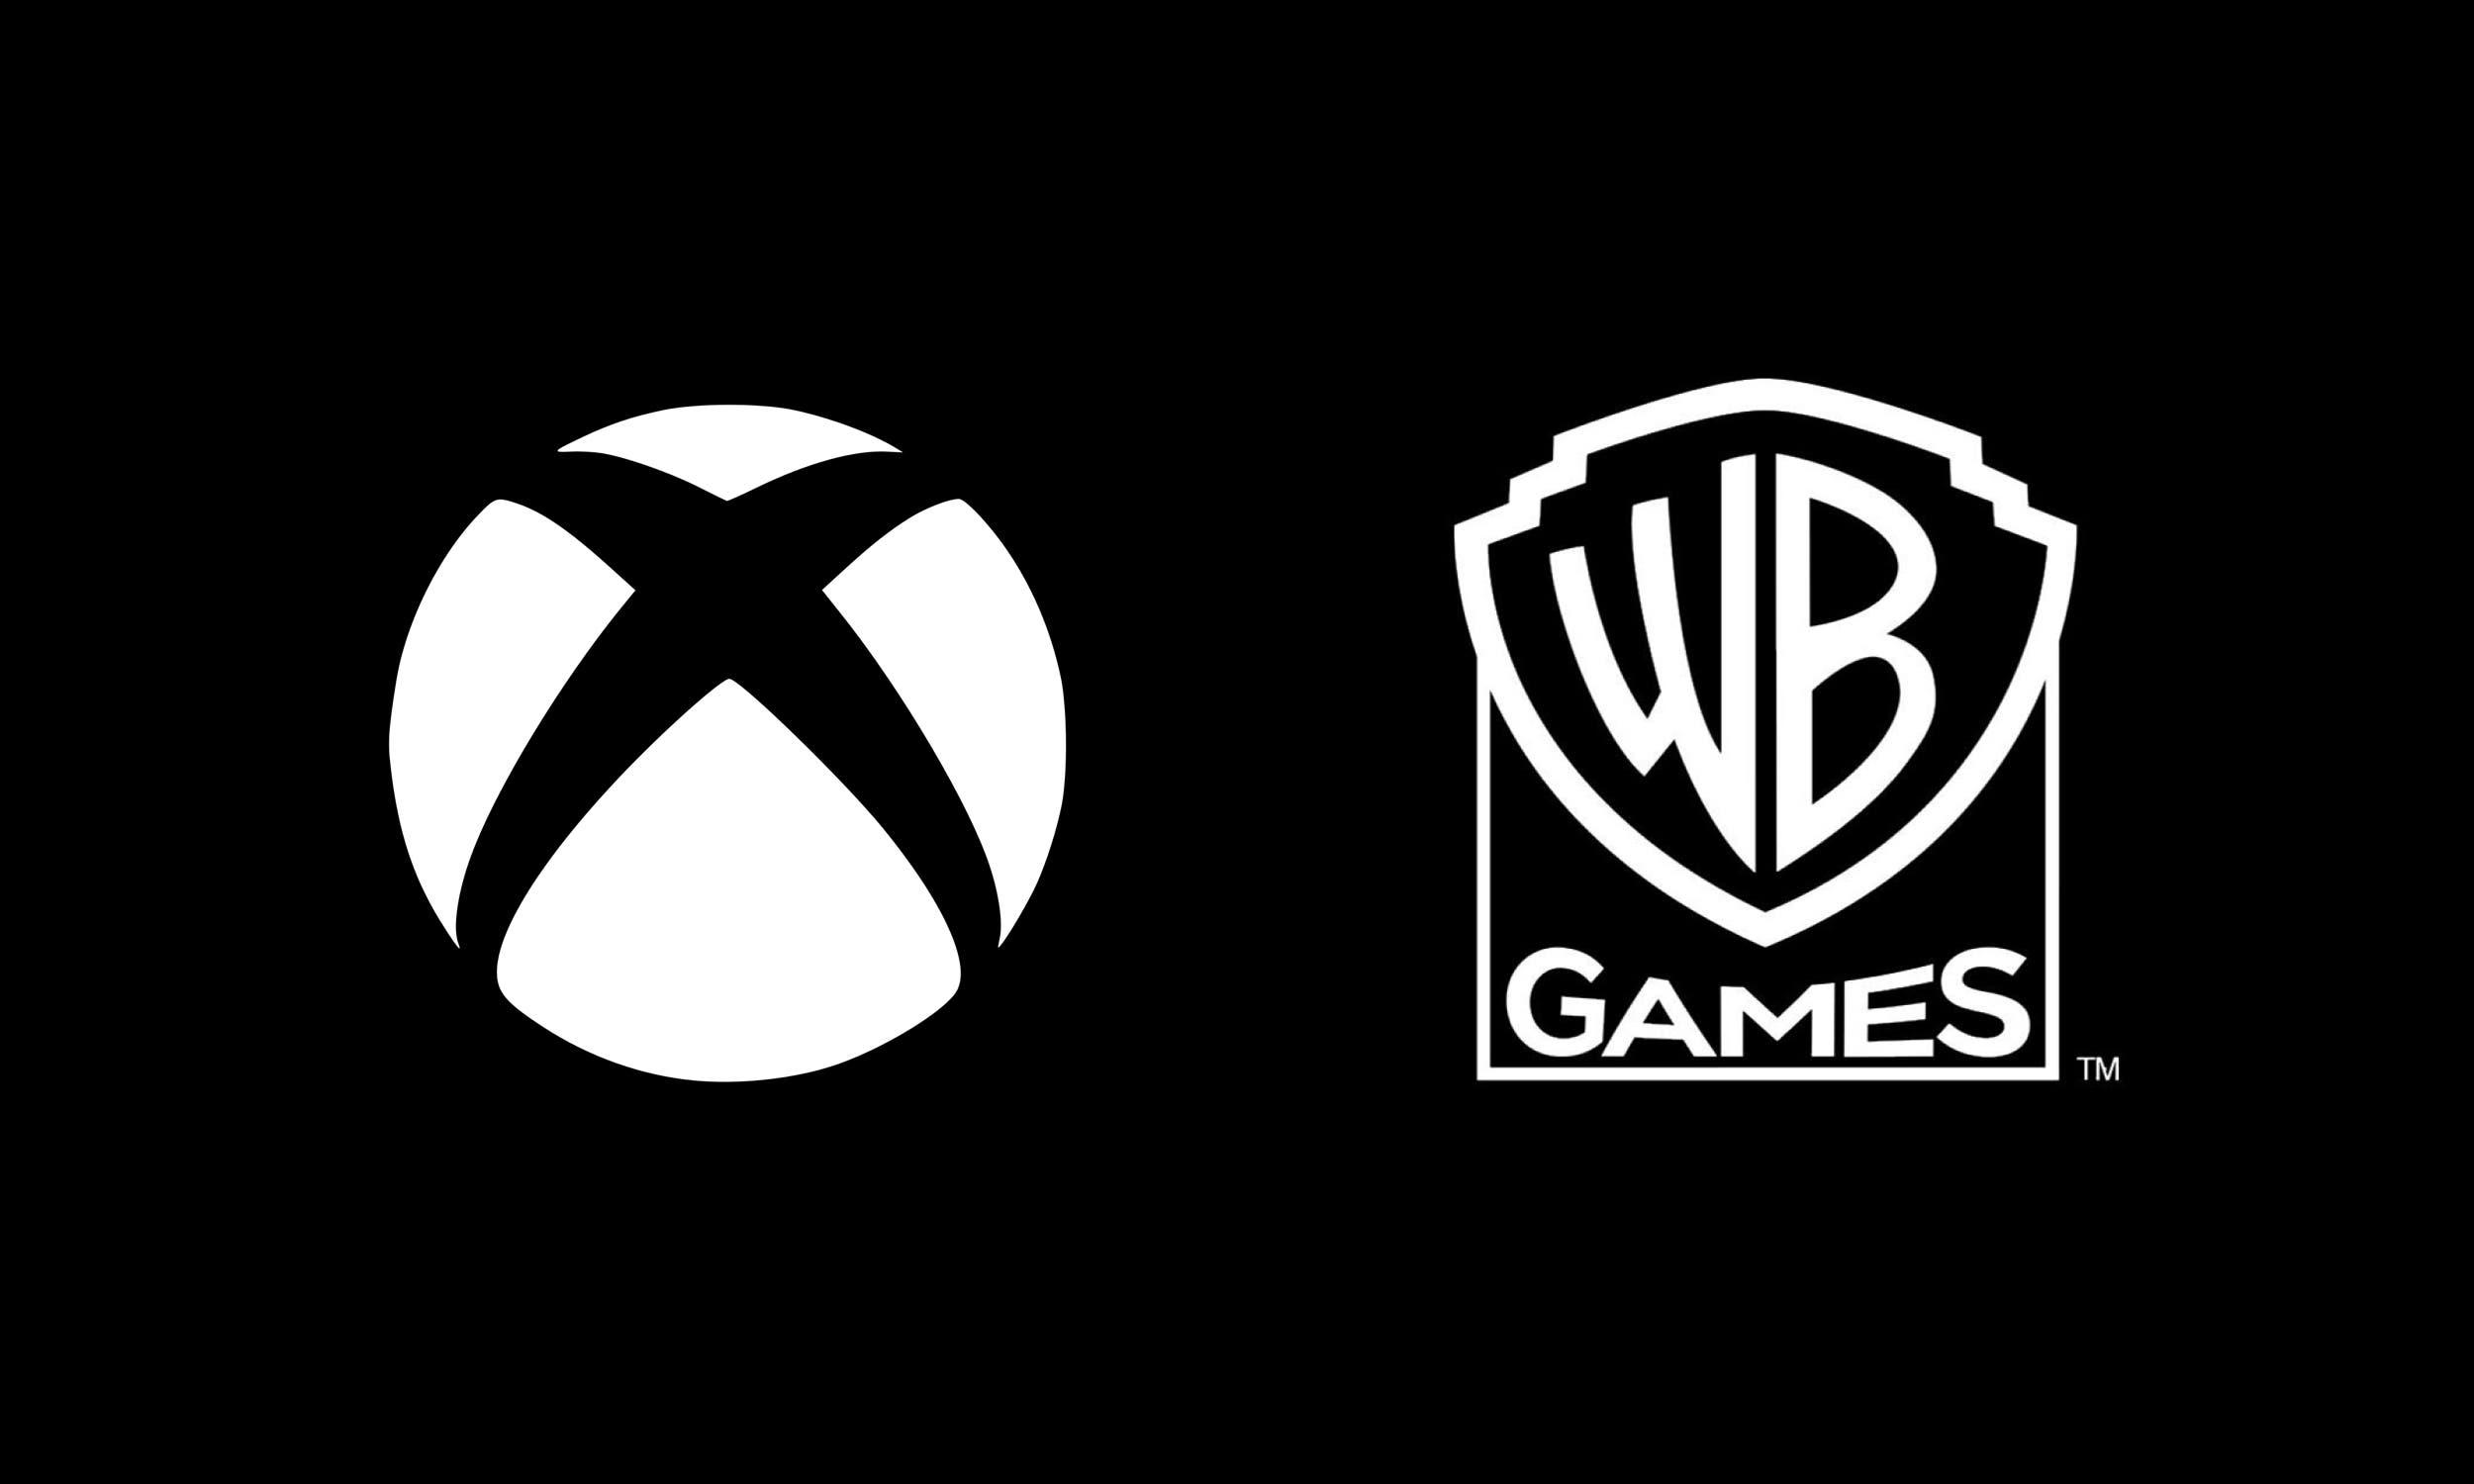 Microsoft | La compañía estaría interesada en comprar Warner Bros. Games.